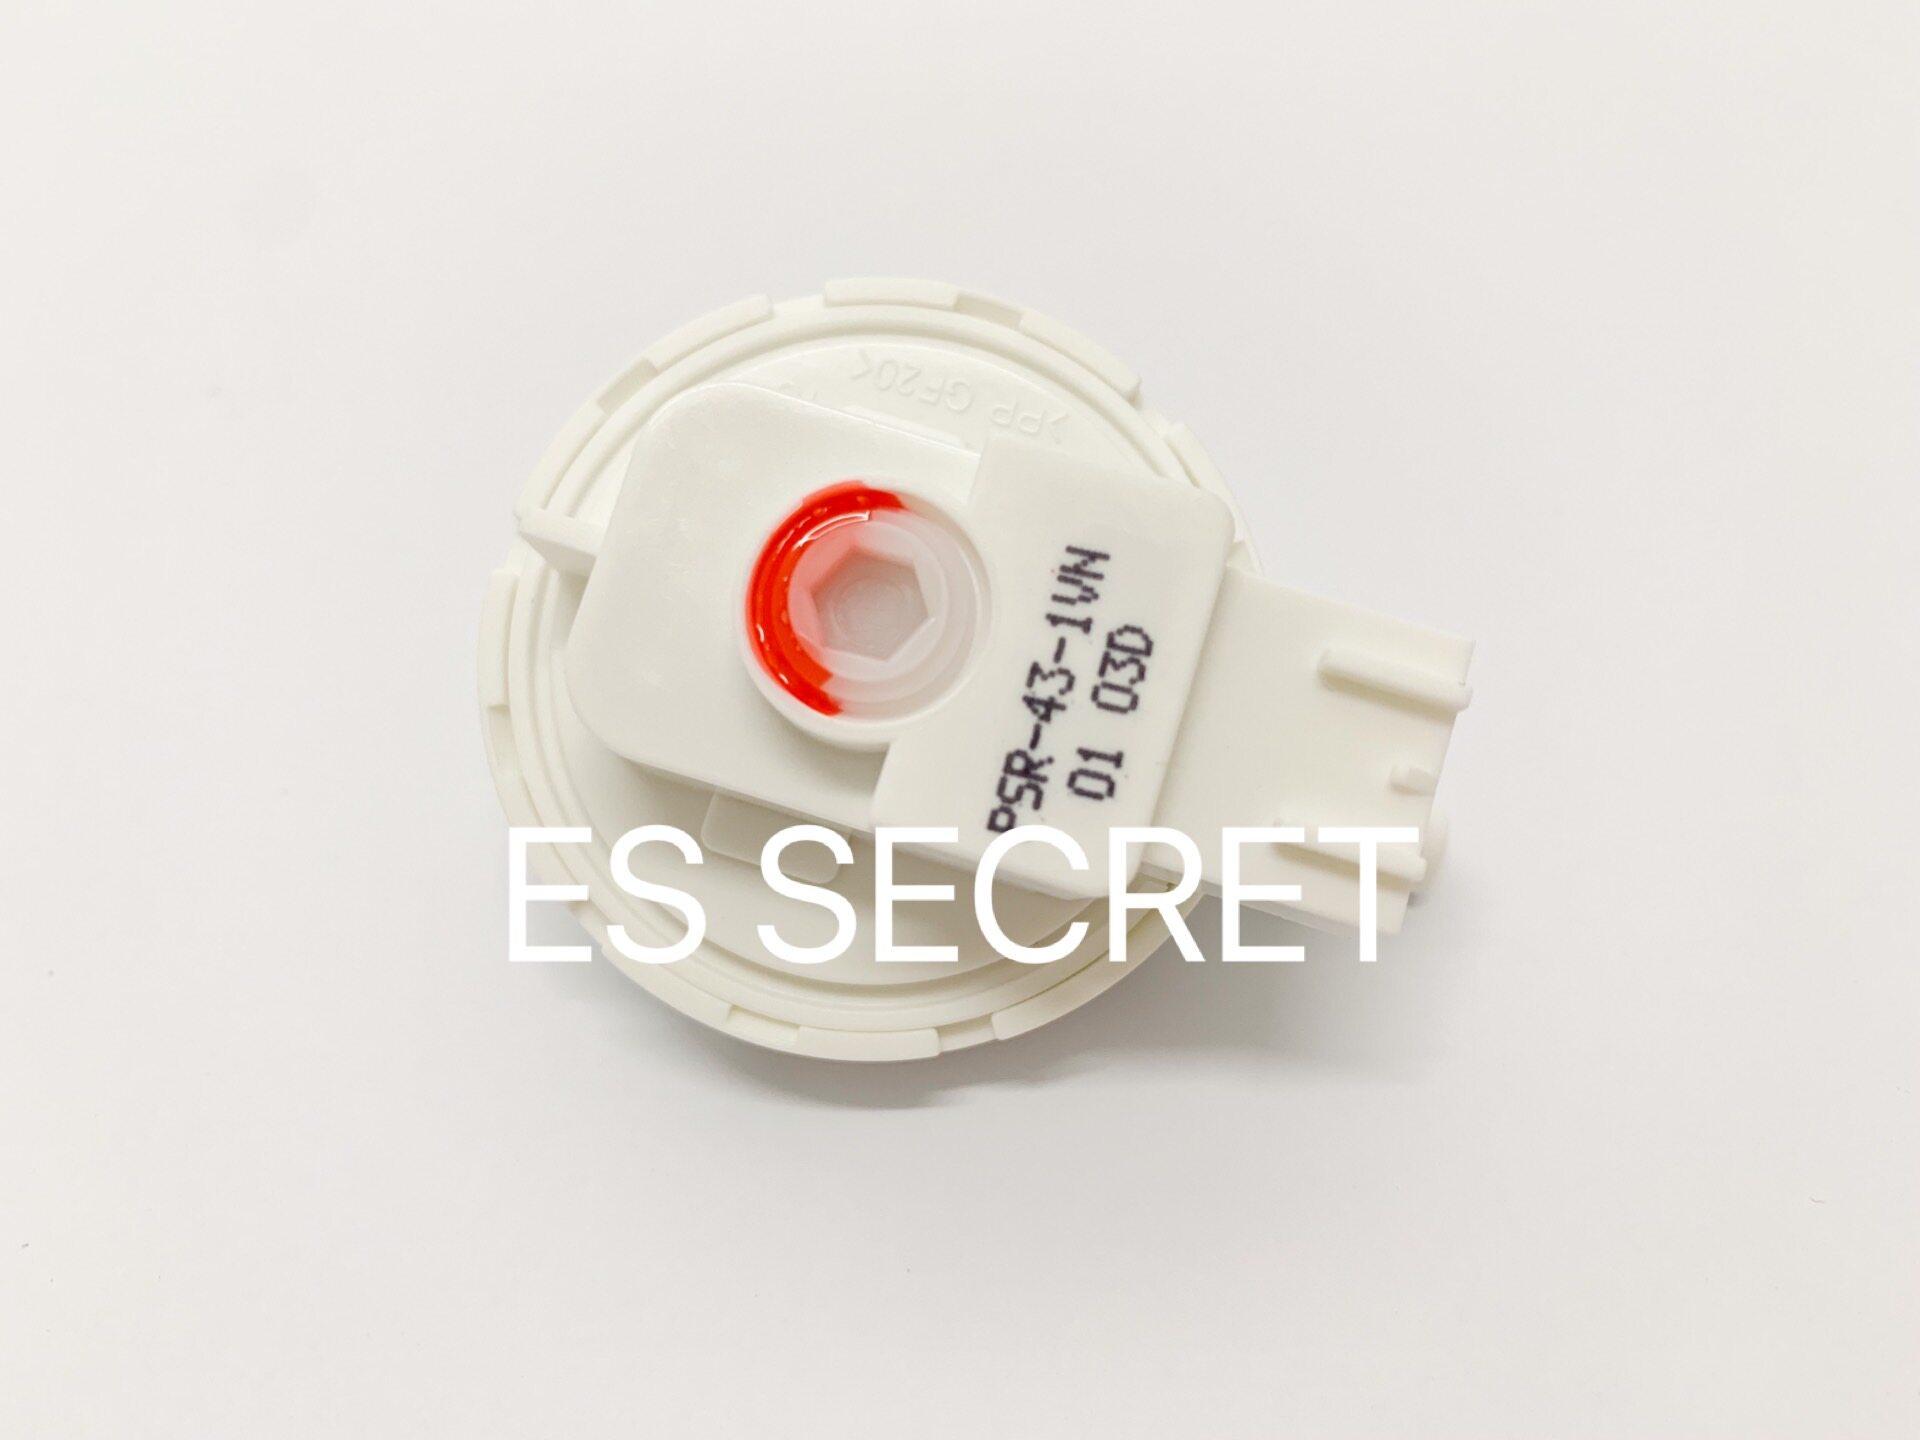 Panasonic Washing Machine Pressure Switch PSR-43 Original